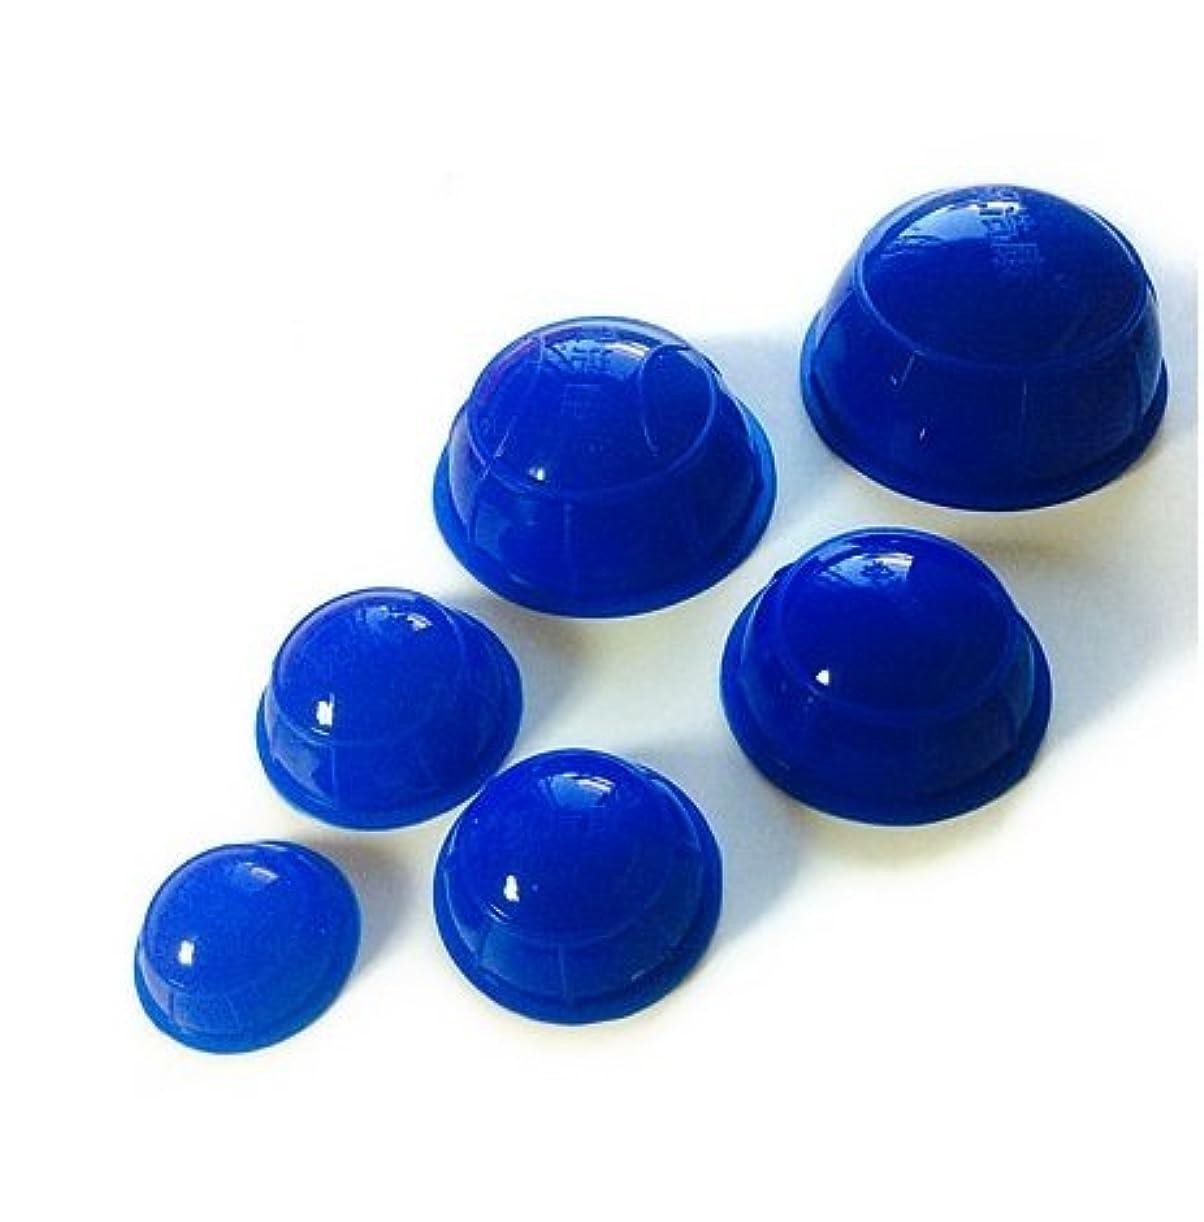 覗くフィットネス力強い簡易 吸い玉6個セット ブルー 大中小5種類の大きさ